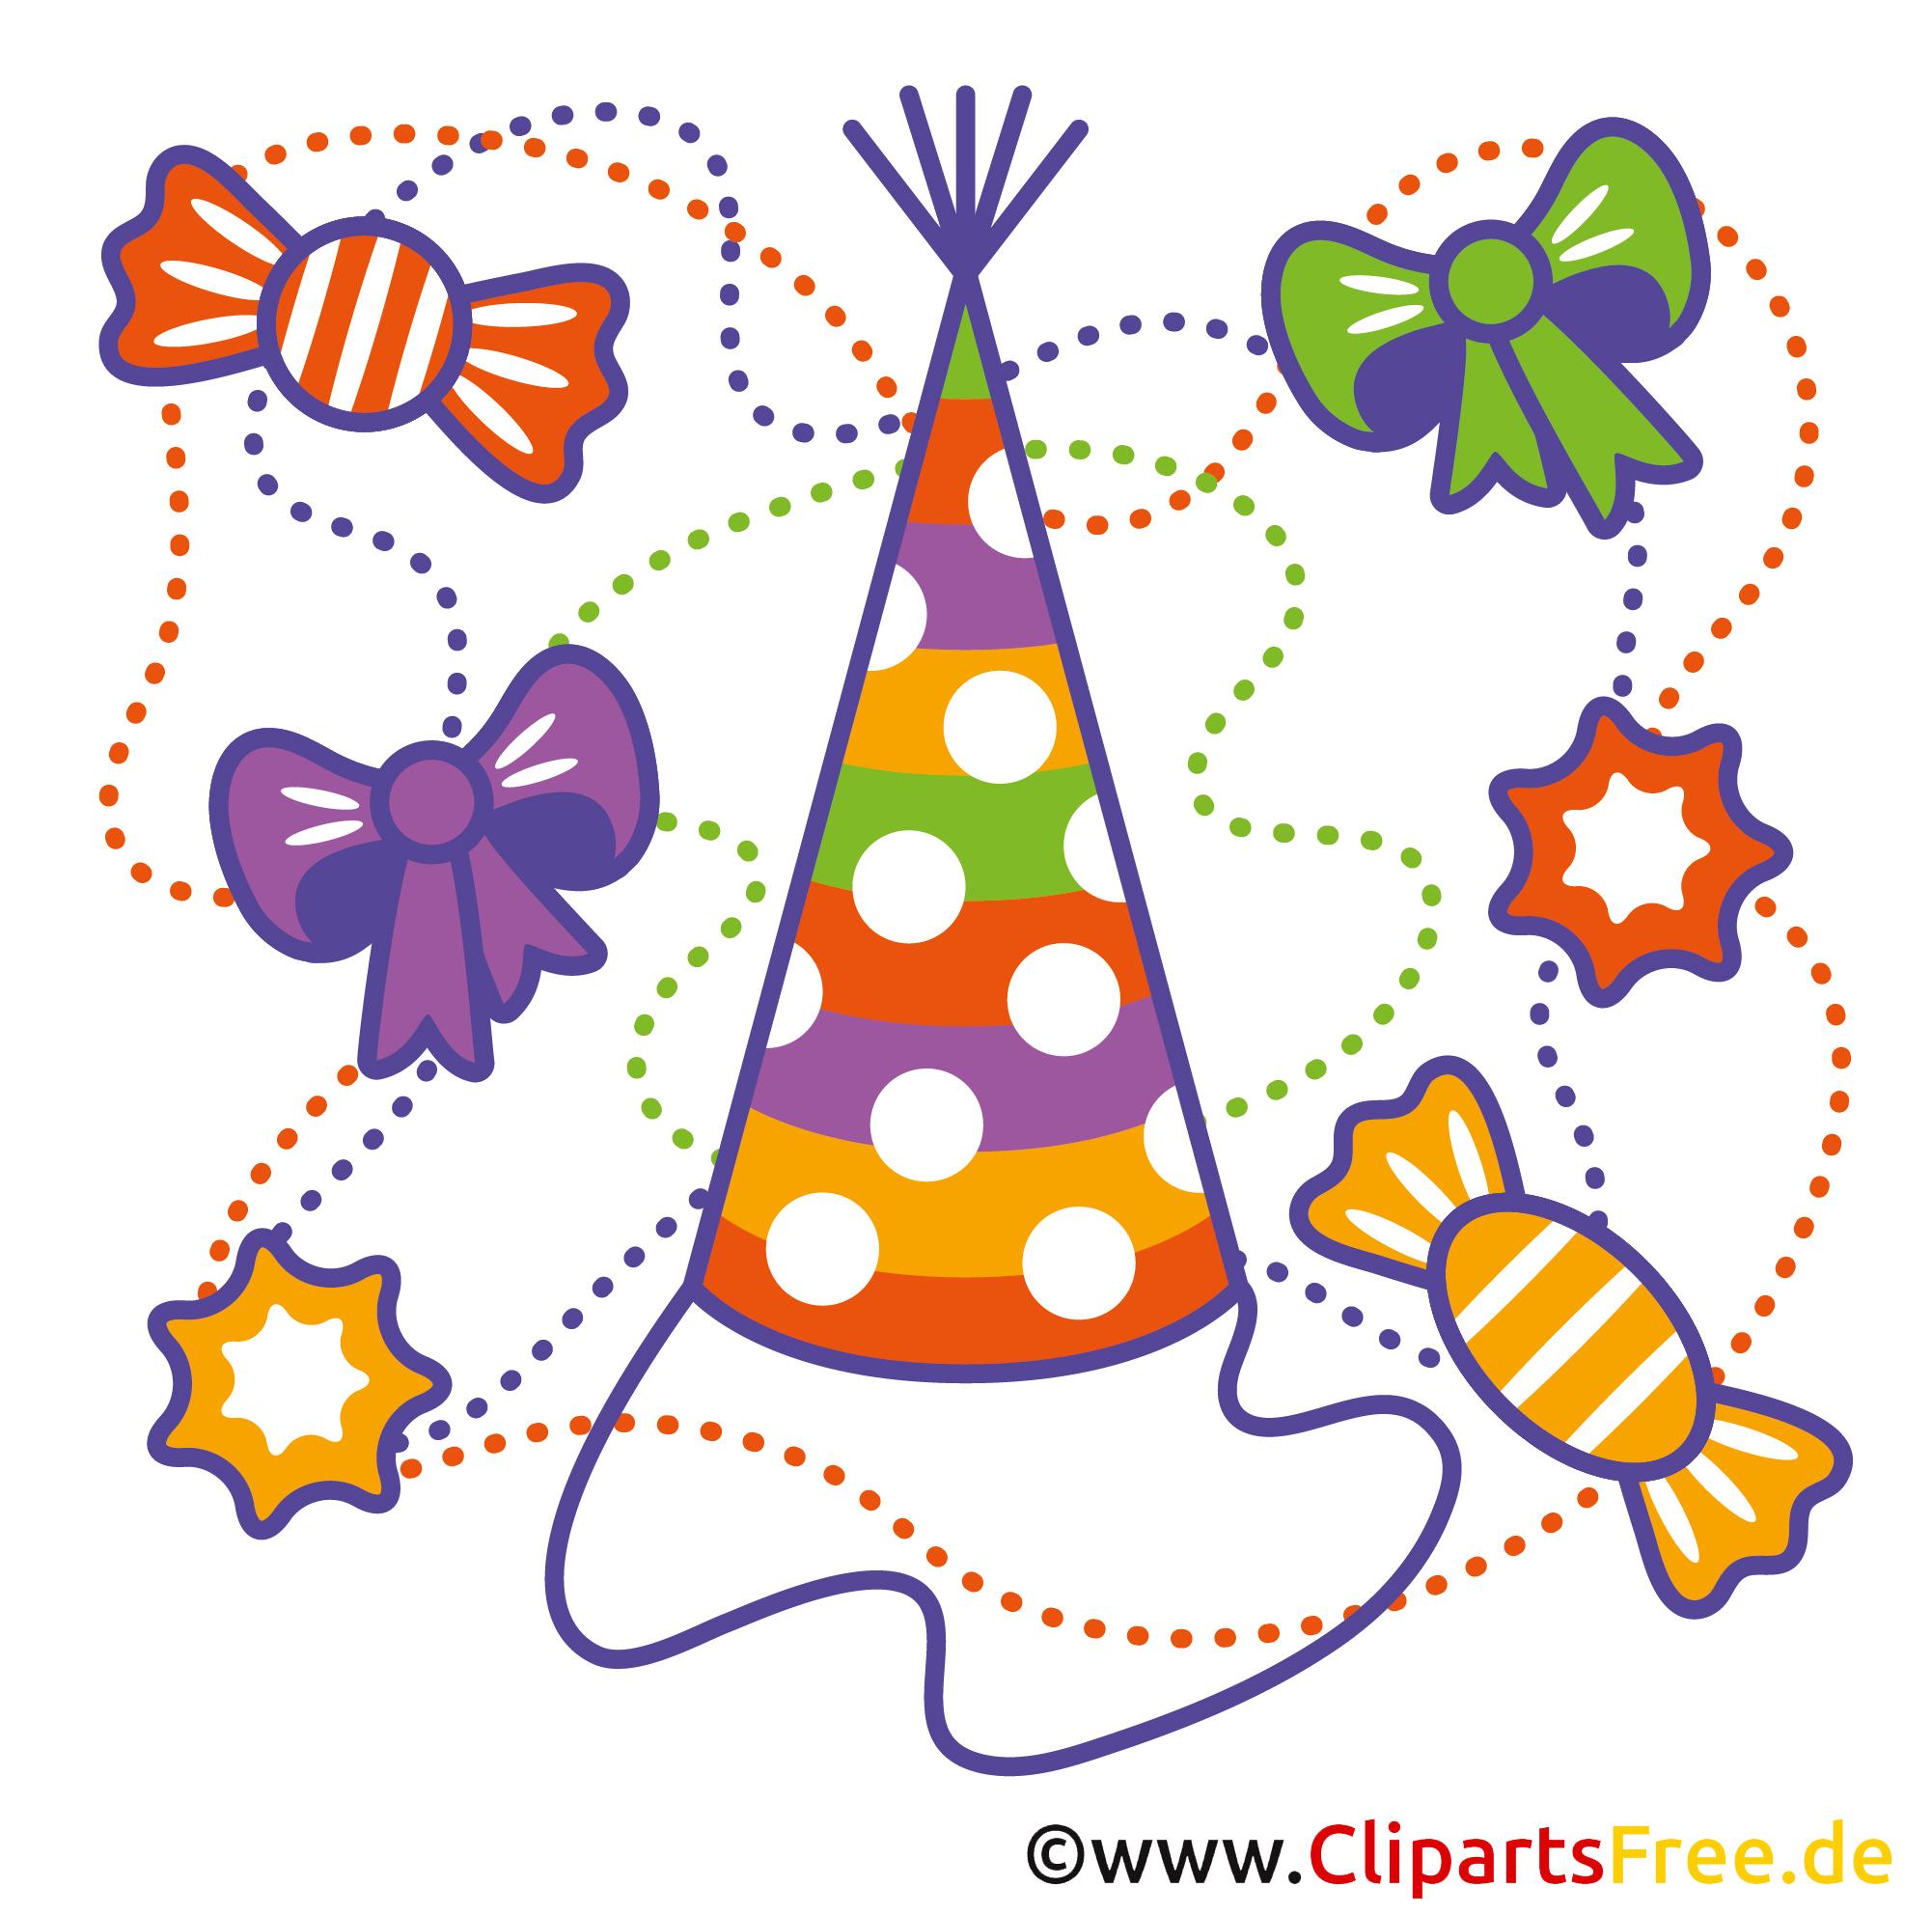 Einladungskarten Runder Geburtstag Kostenlos mit Free Clipart Geburtstag